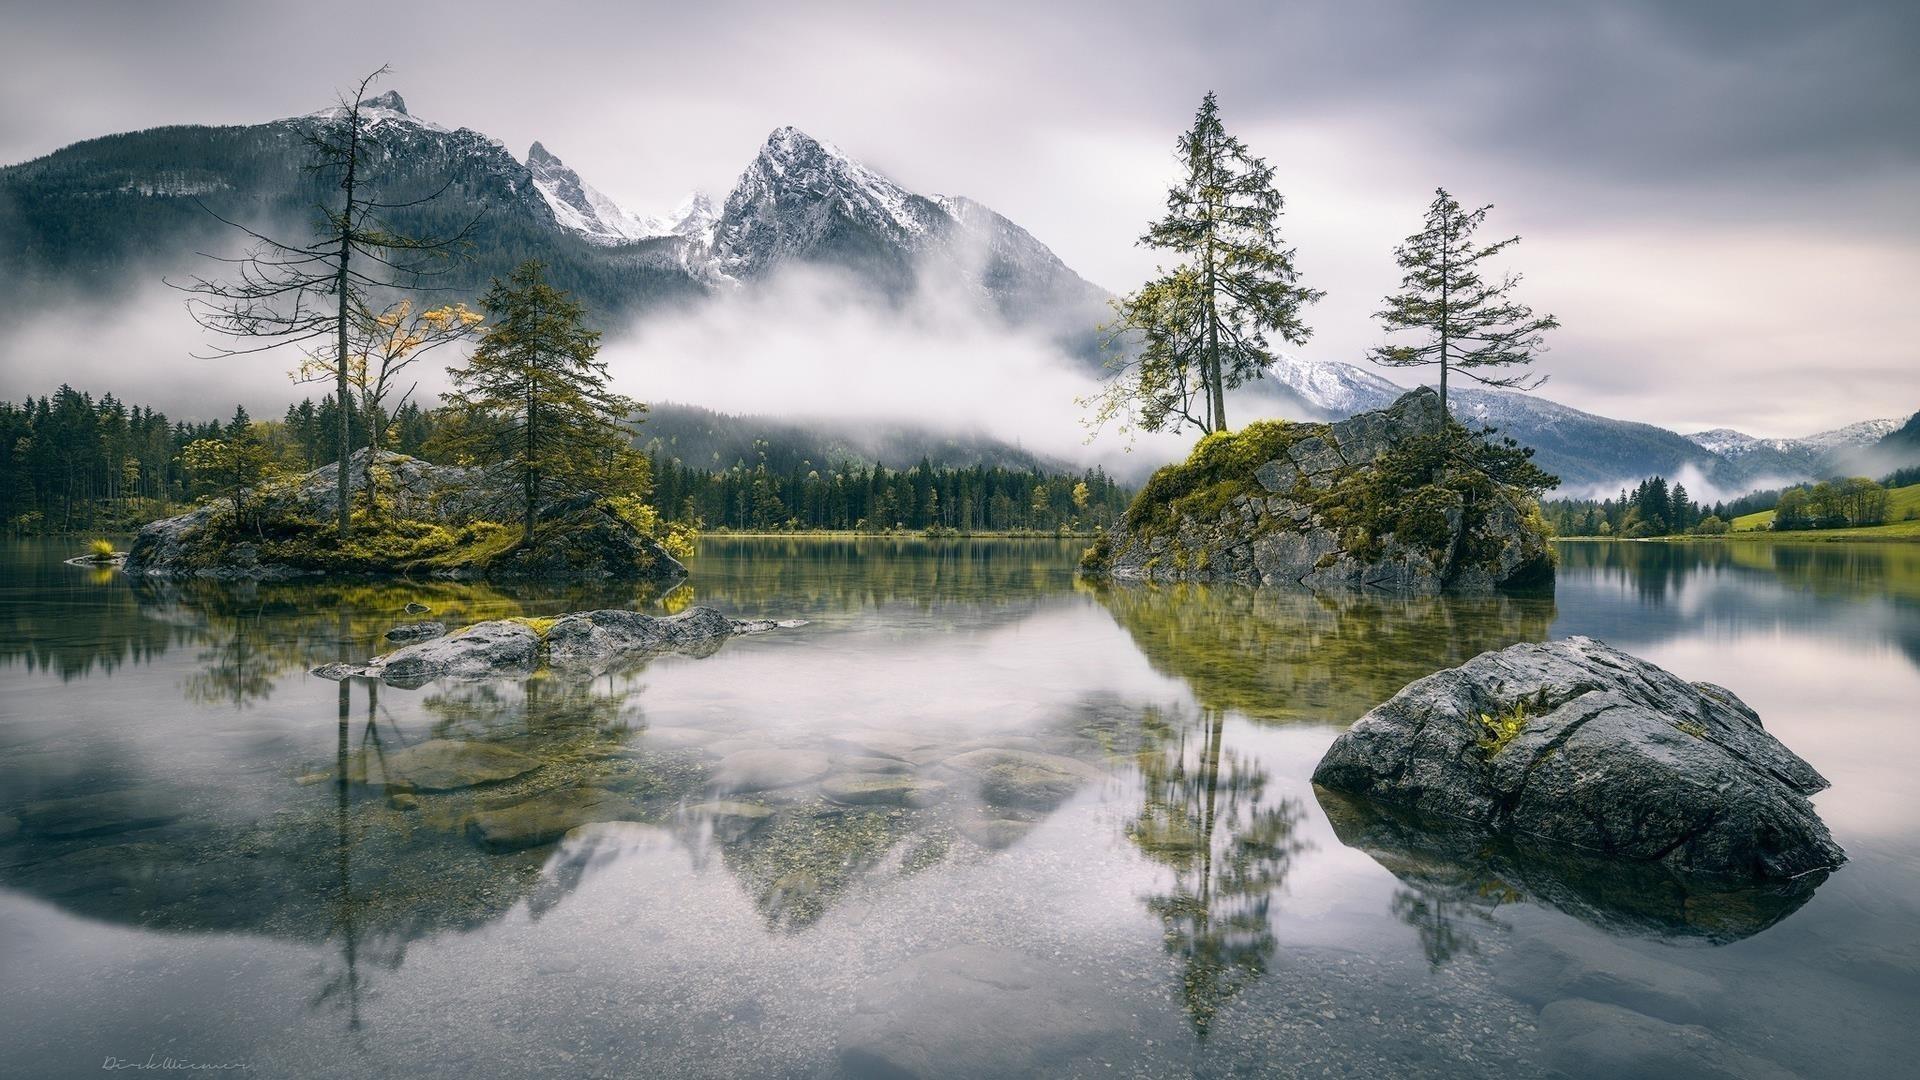 Заснеженная гора с туманом и покрытая зеленью скала с деревьями в водной природе обои скачать